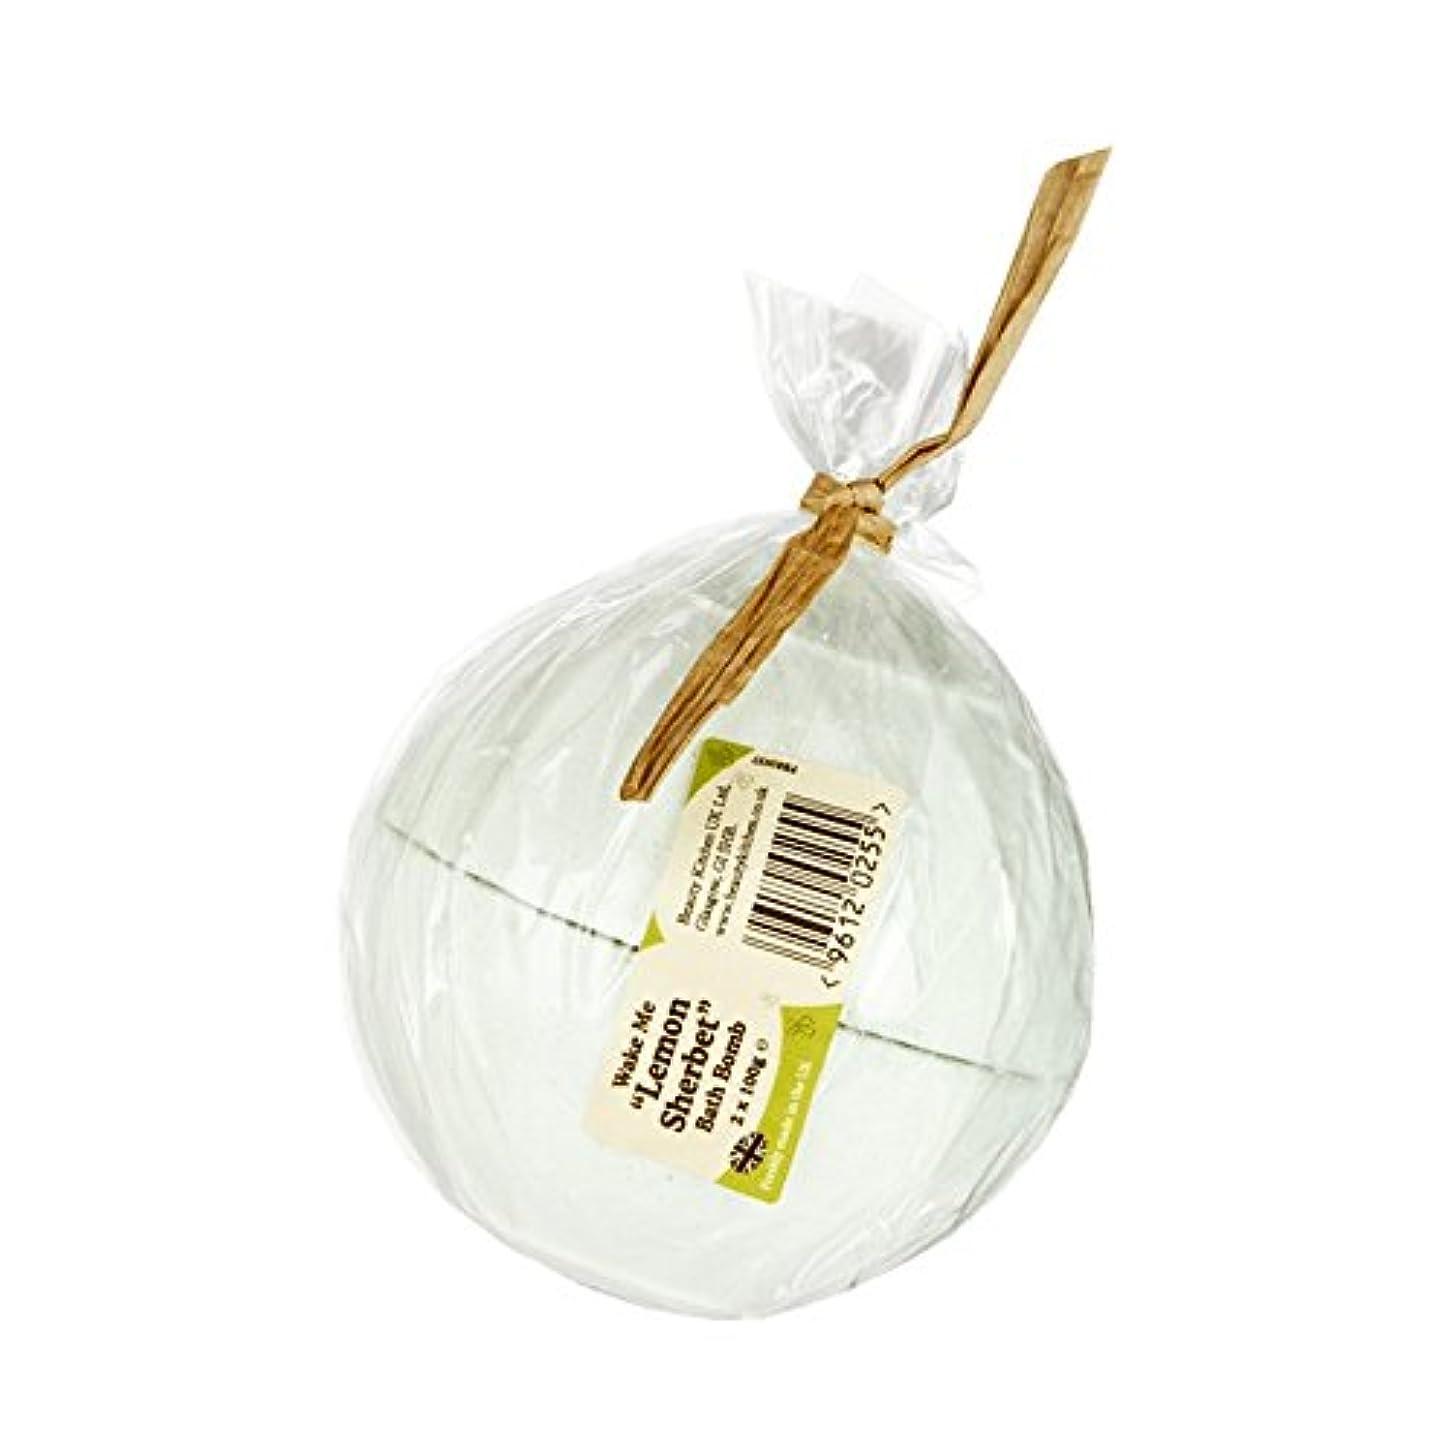 転送電気技師チャンピオンシップBeauty Kitchen Wake Me Lemon Sherbet Bath Bomb 2 x 100g (Pack of 2) - 美しさのキッチンは私にレモンシャーベットバス爆弾2×100グラムを覚まします (...